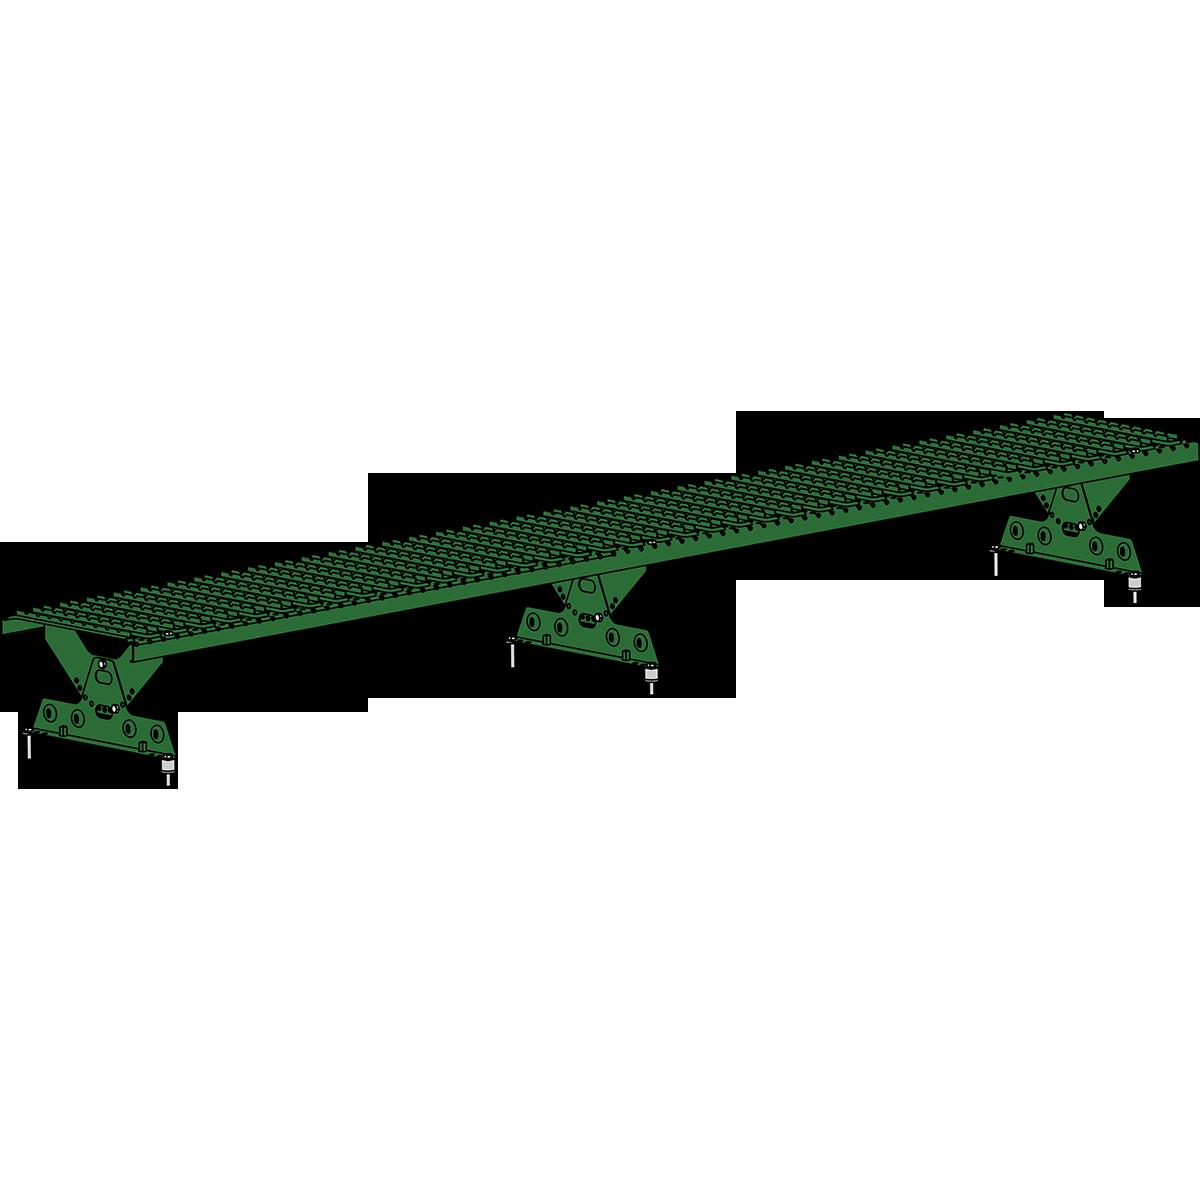 Мостик кровельный ROOFSYSTEMS ELITE 330 NEXT 2,5 м RAL 6002 Зеленый лист